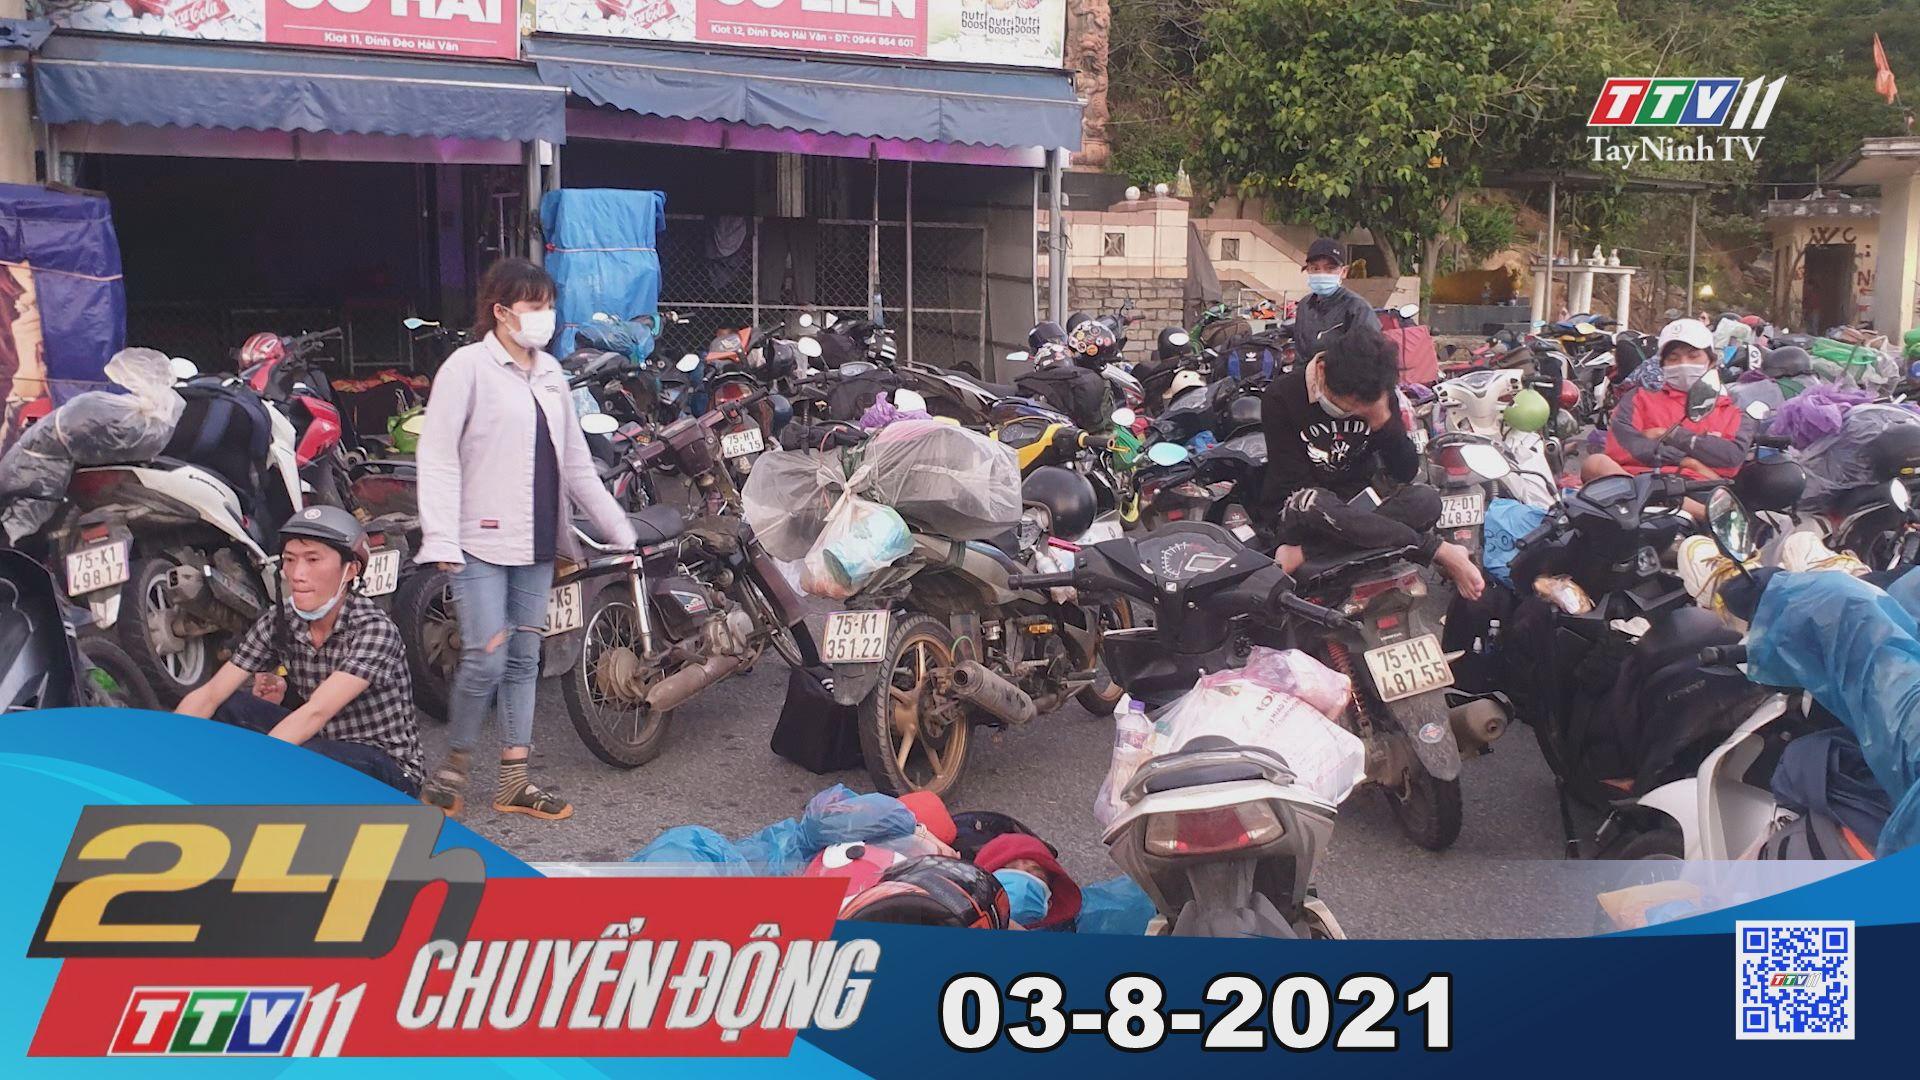 24h Chuyển động 03-8-2021 | Tin tức hôm nay | TayNinhTV